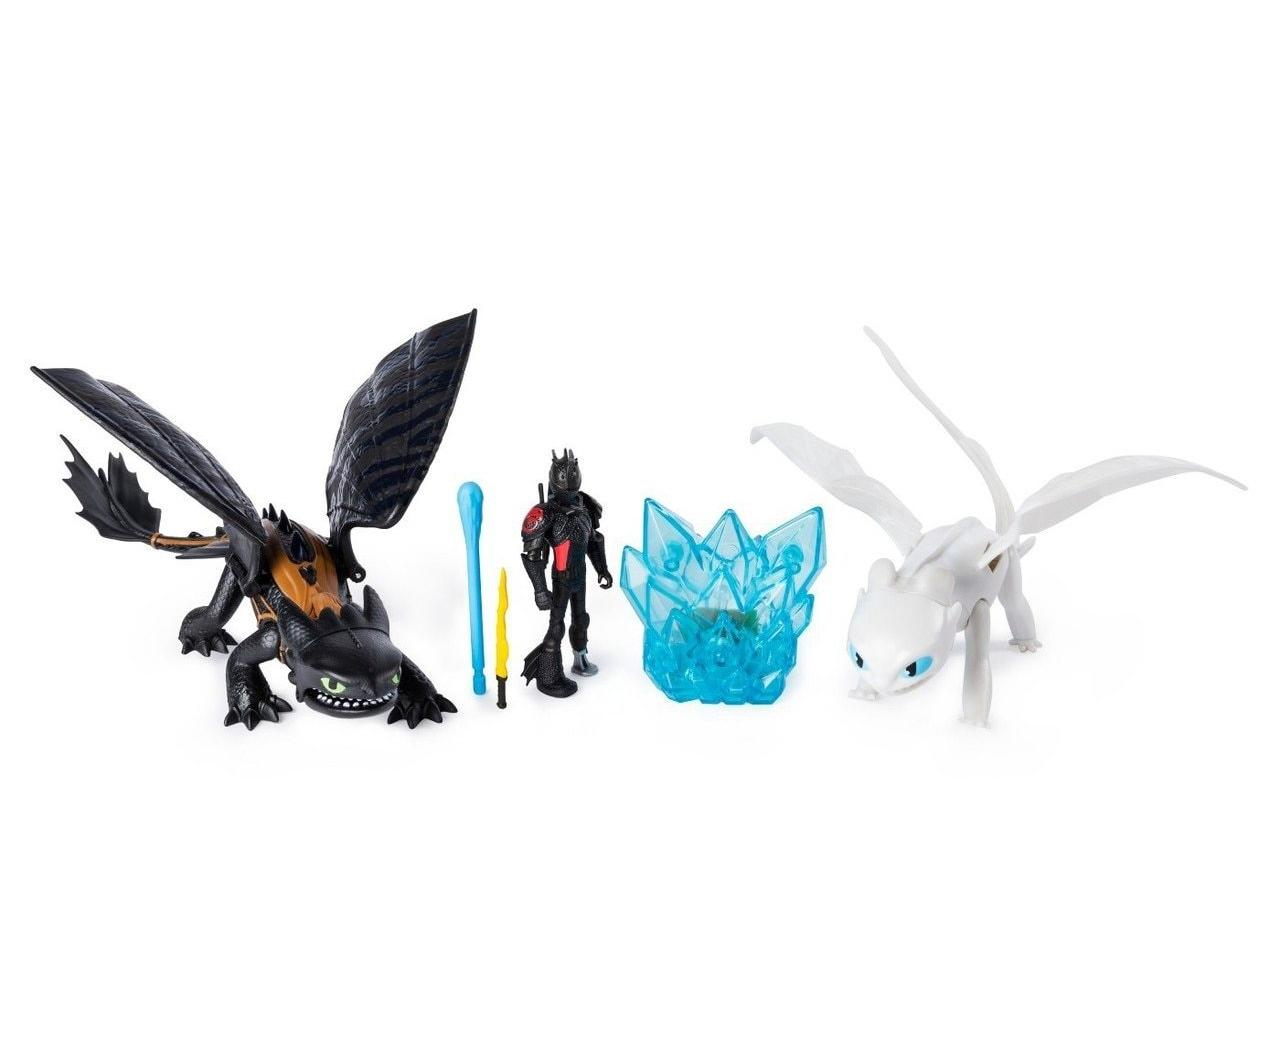 Купить Spin Master Dragons Игровой набор Беззубик и Дневная Фурия с люминесцентным кристаллом, Китай